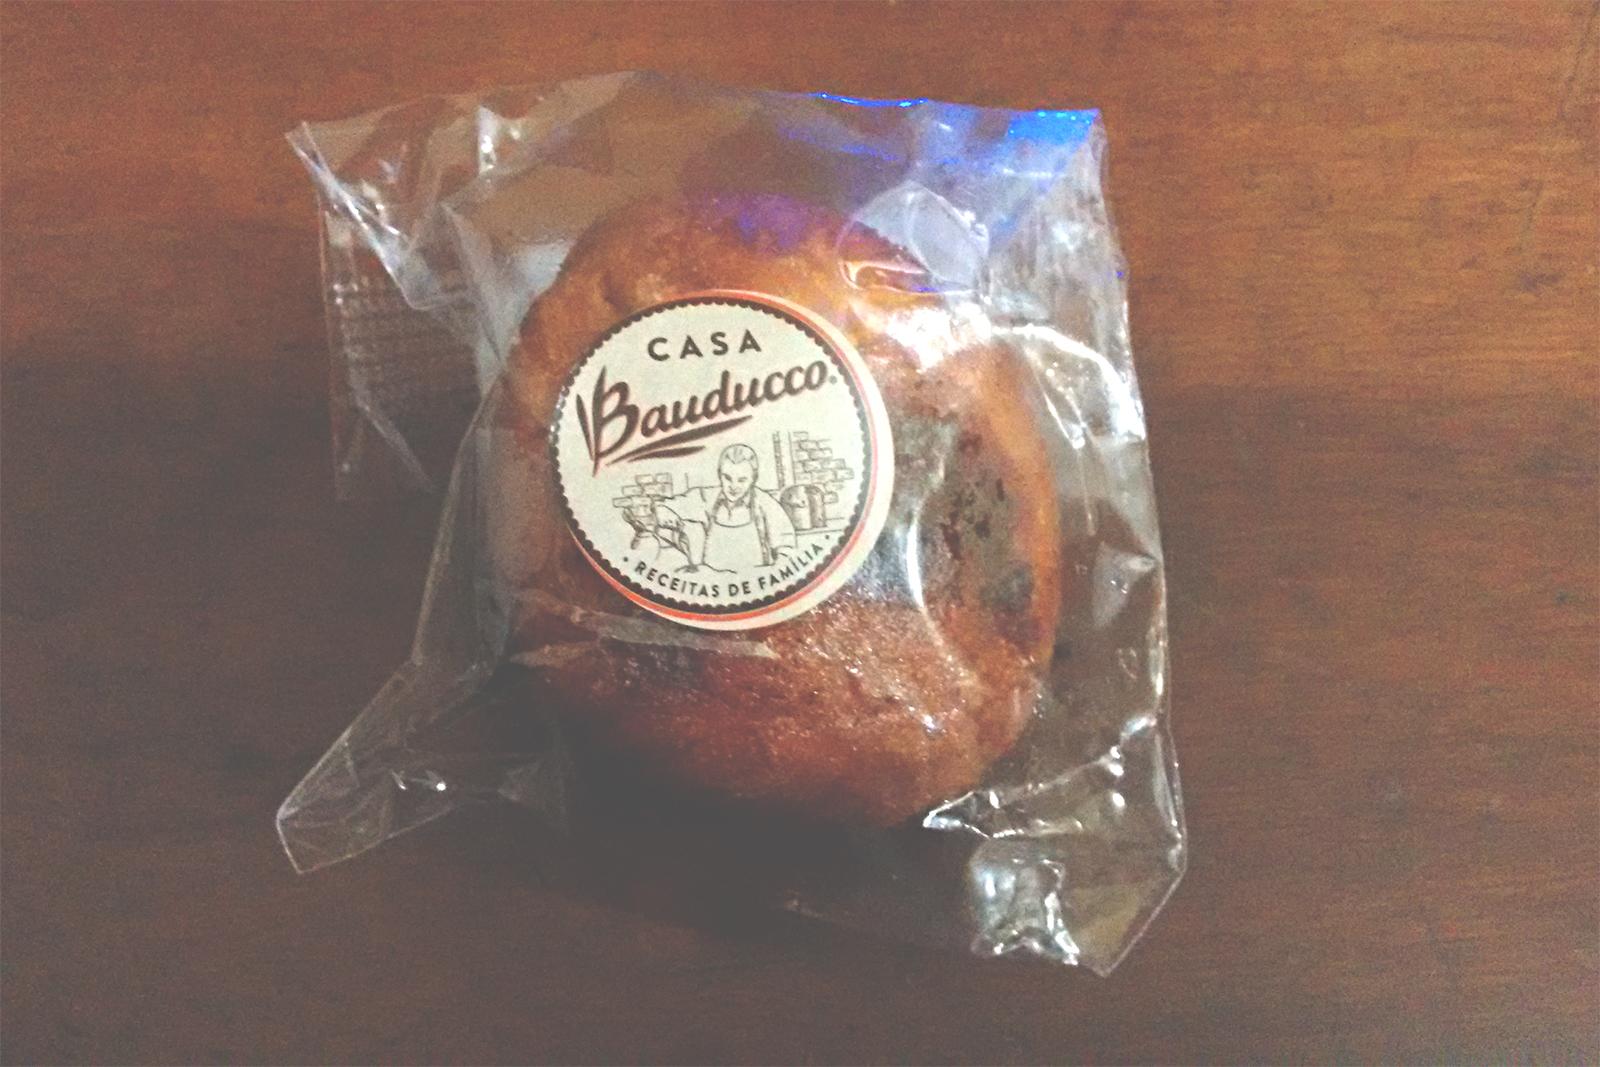 muffin casa bauducco